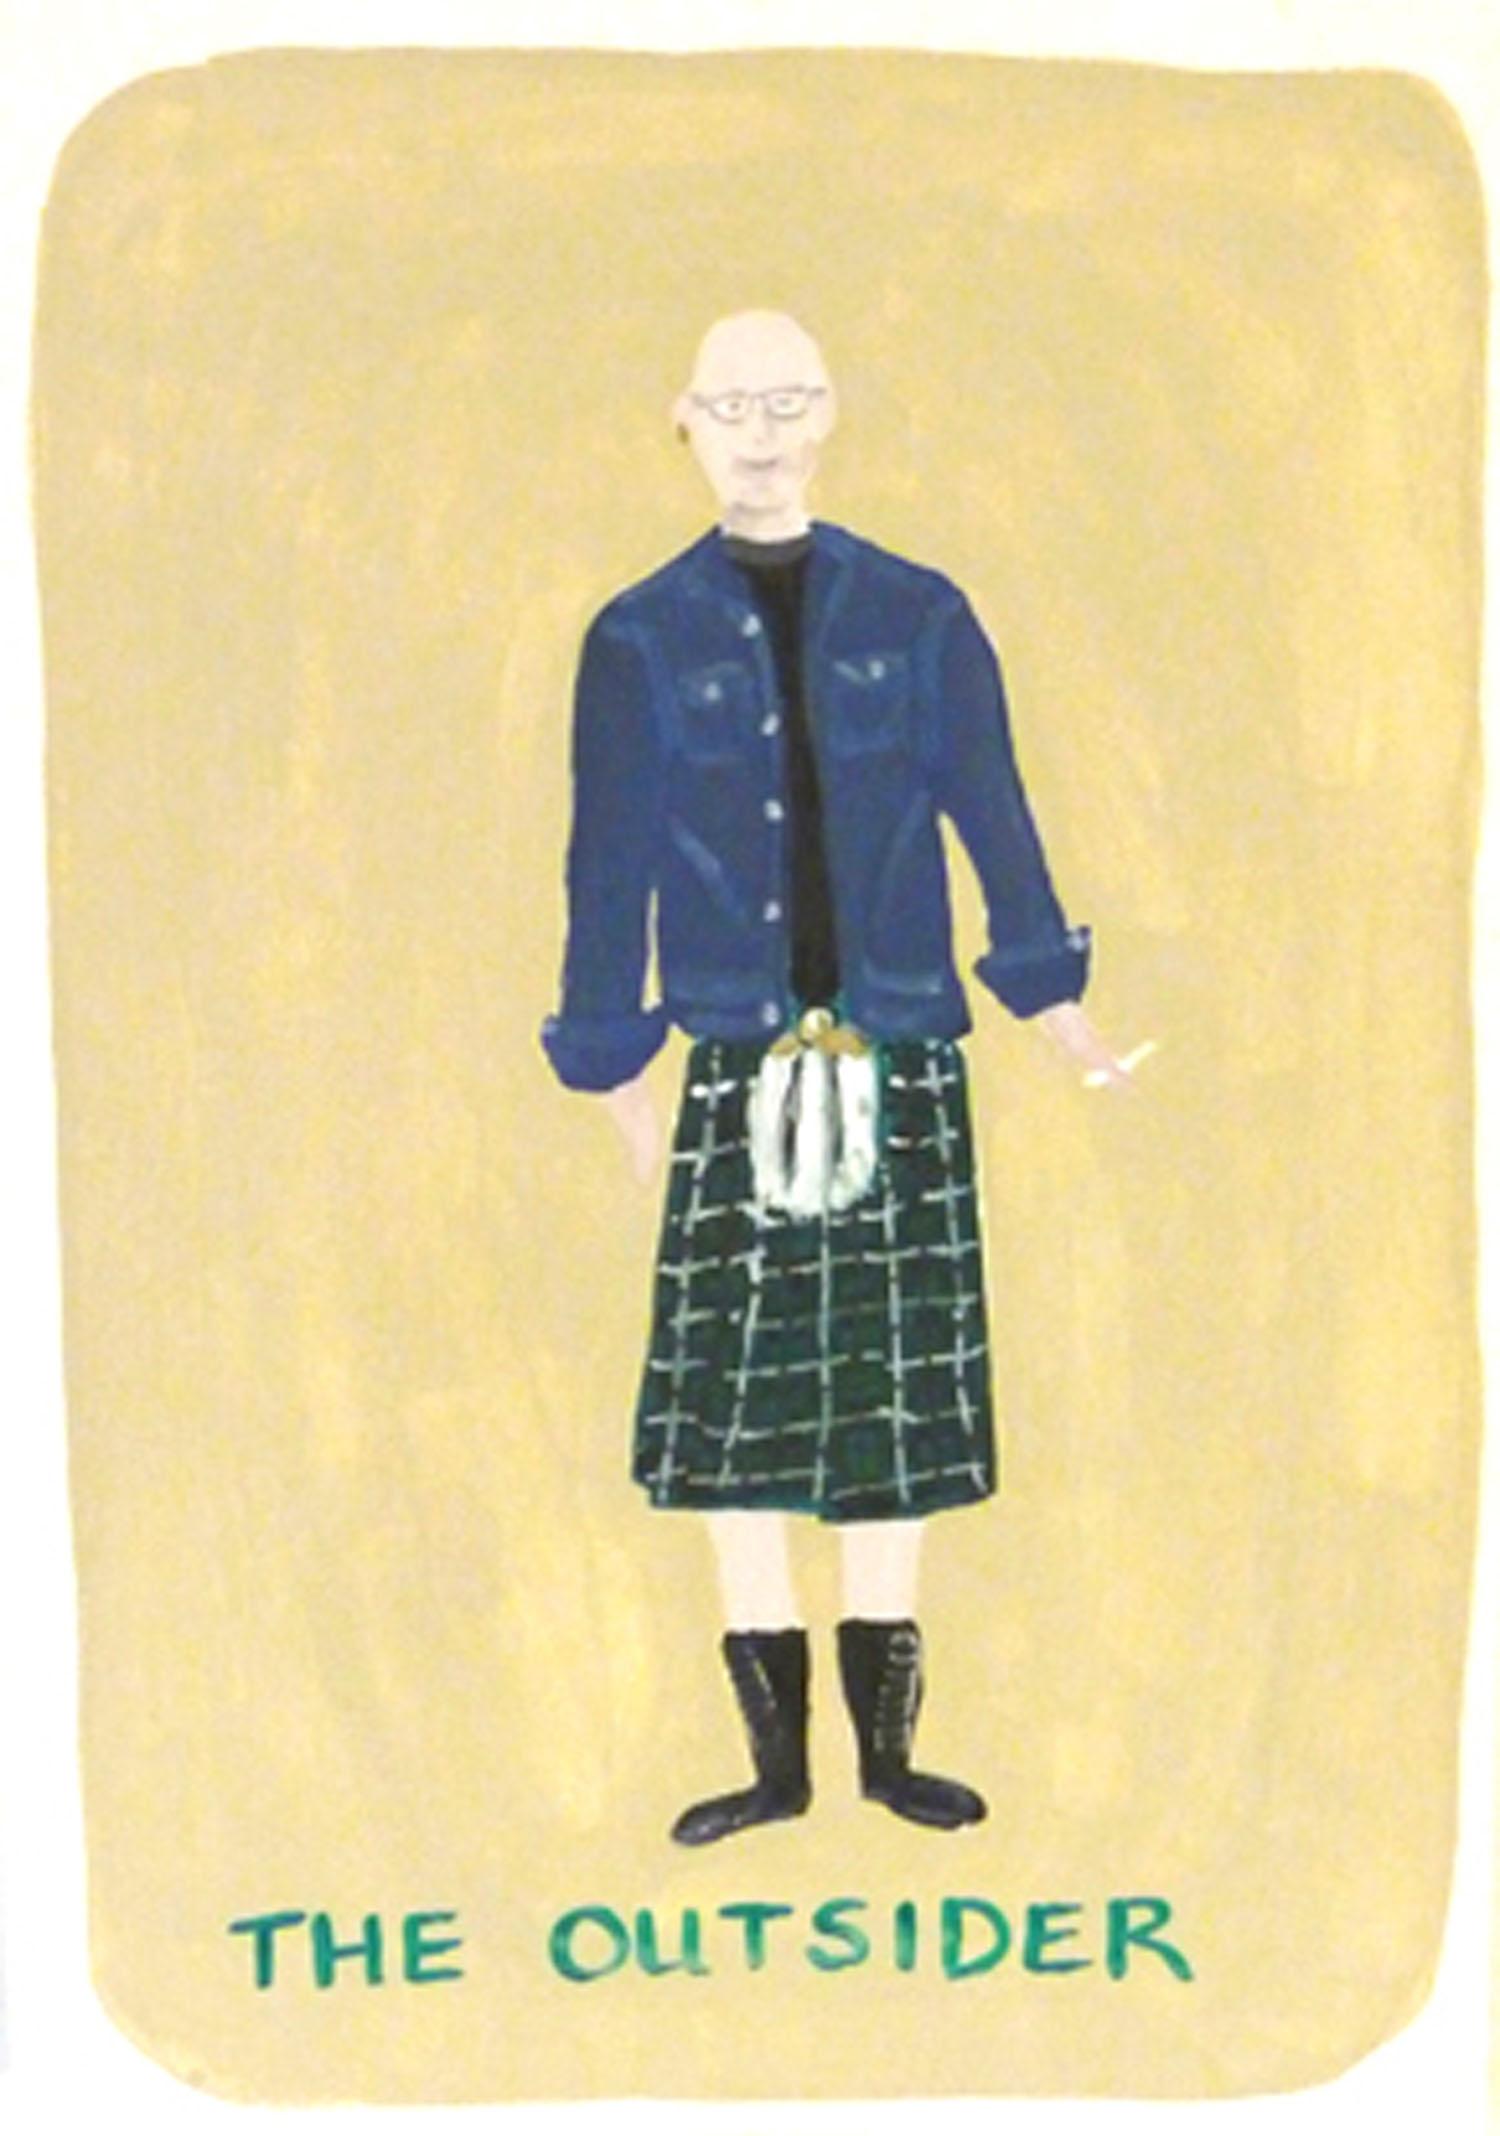 Andrew Vickery